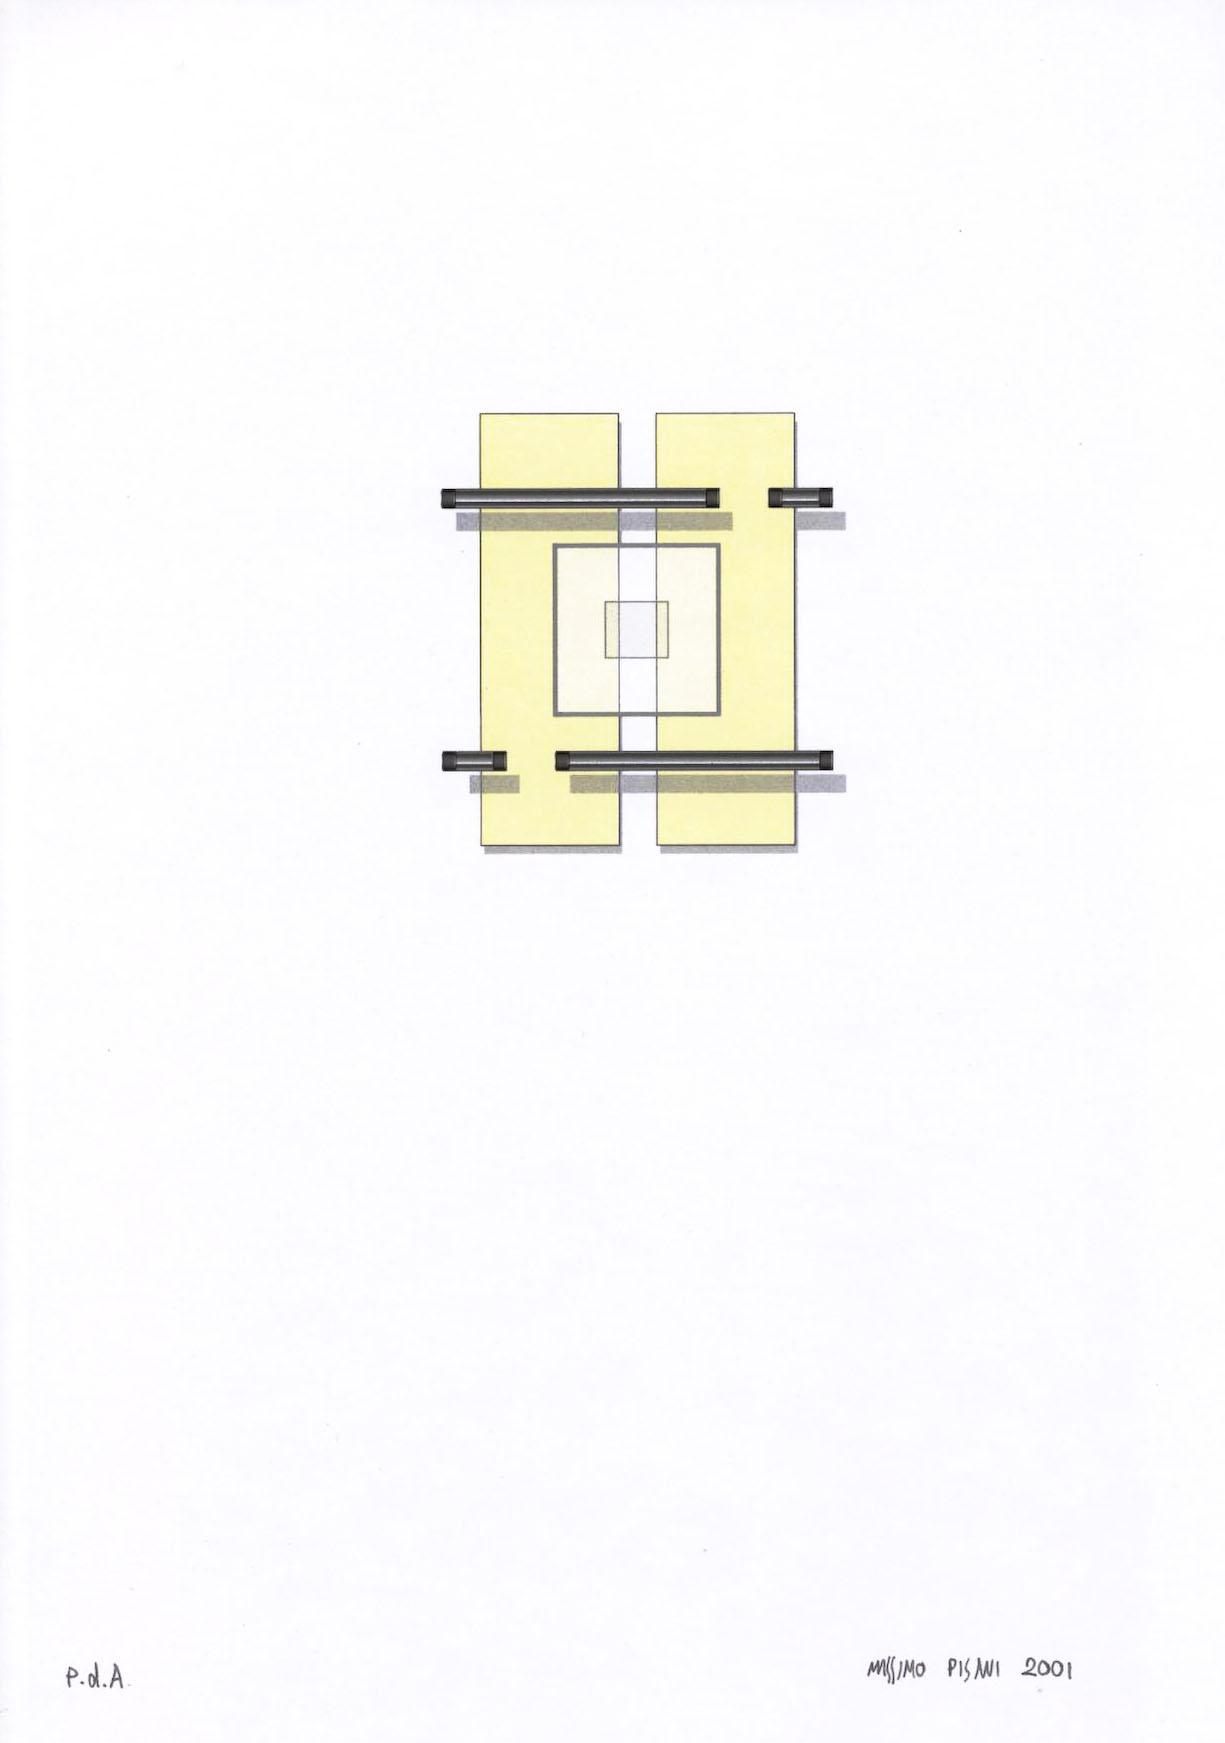 Ilustraciónes para la publicación Pulcino elefante cm.21x29,7 -2002- 21